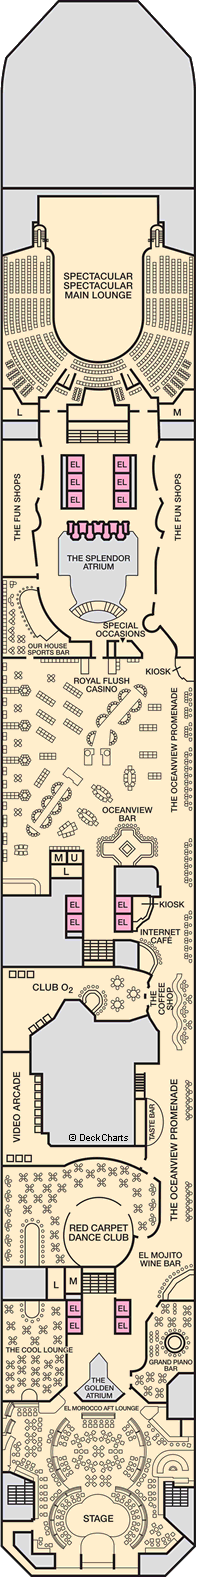 Carnival Splendor: Promenade Deck